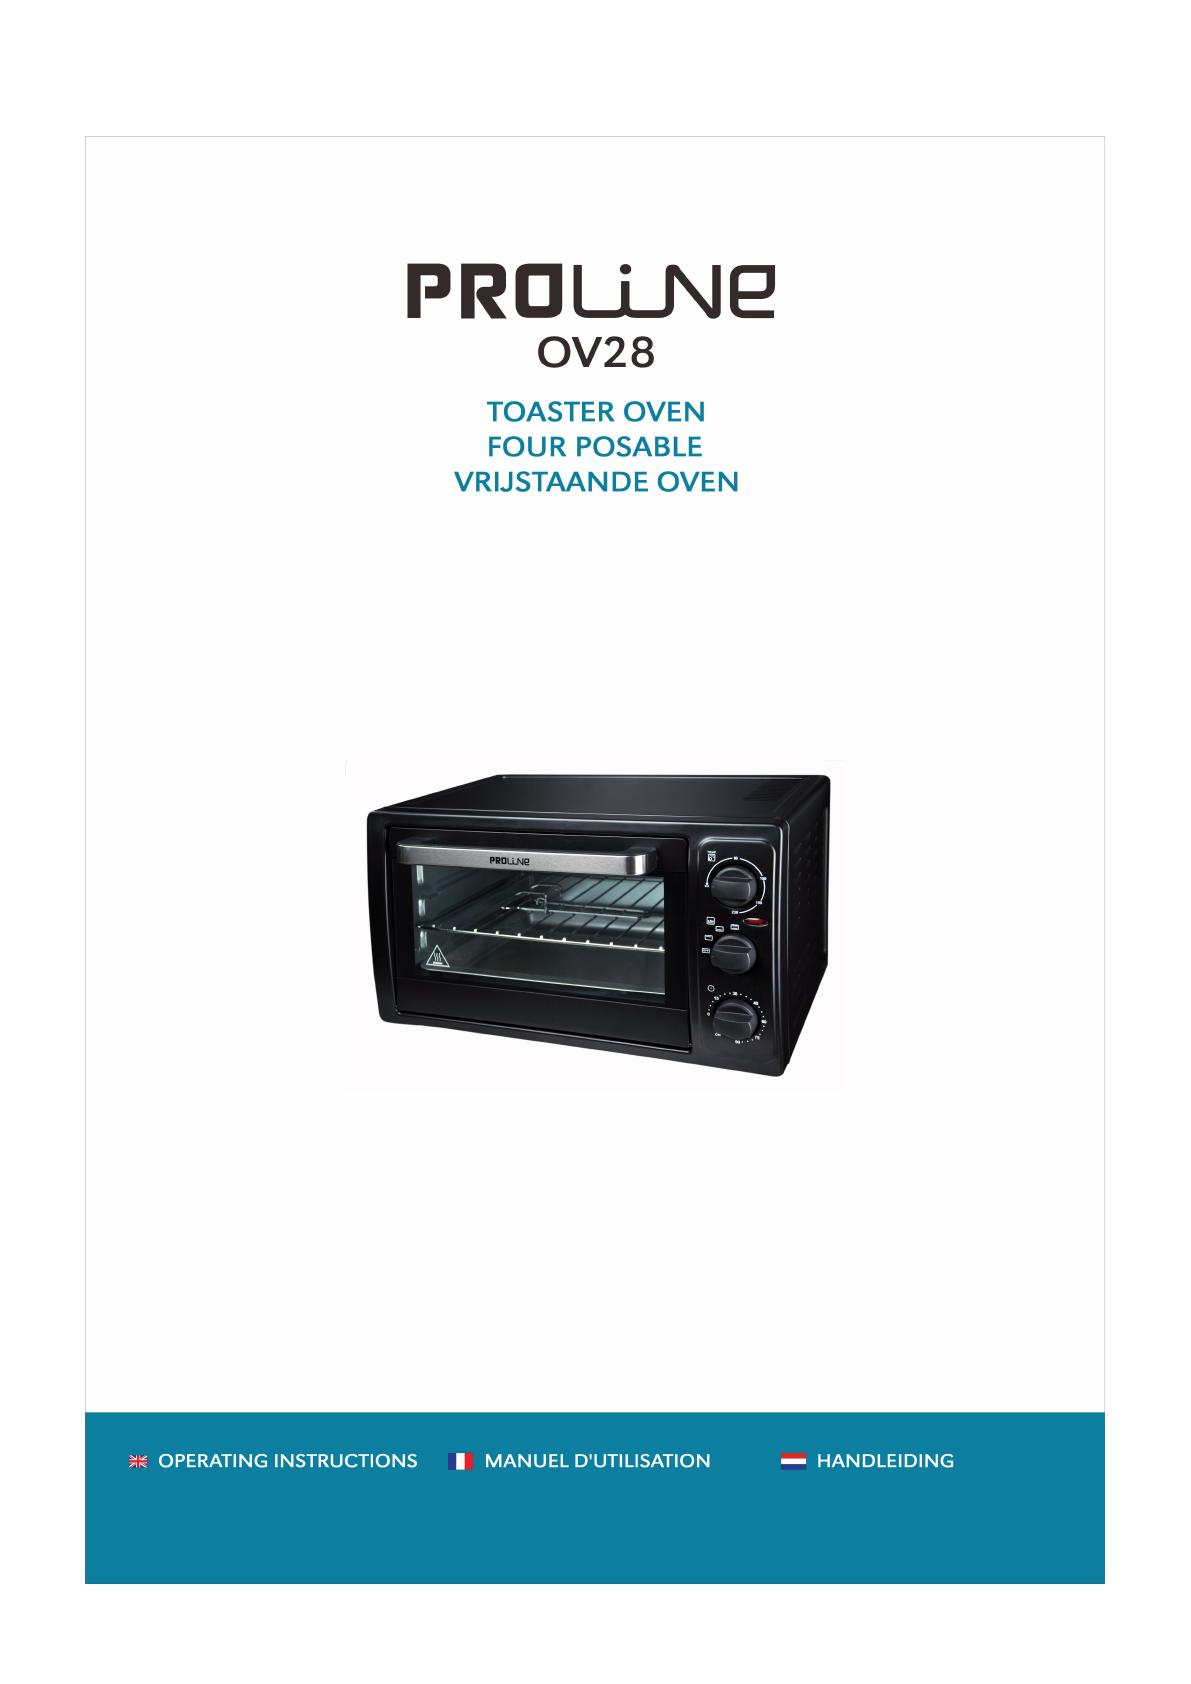 Proline Ov28 Manual